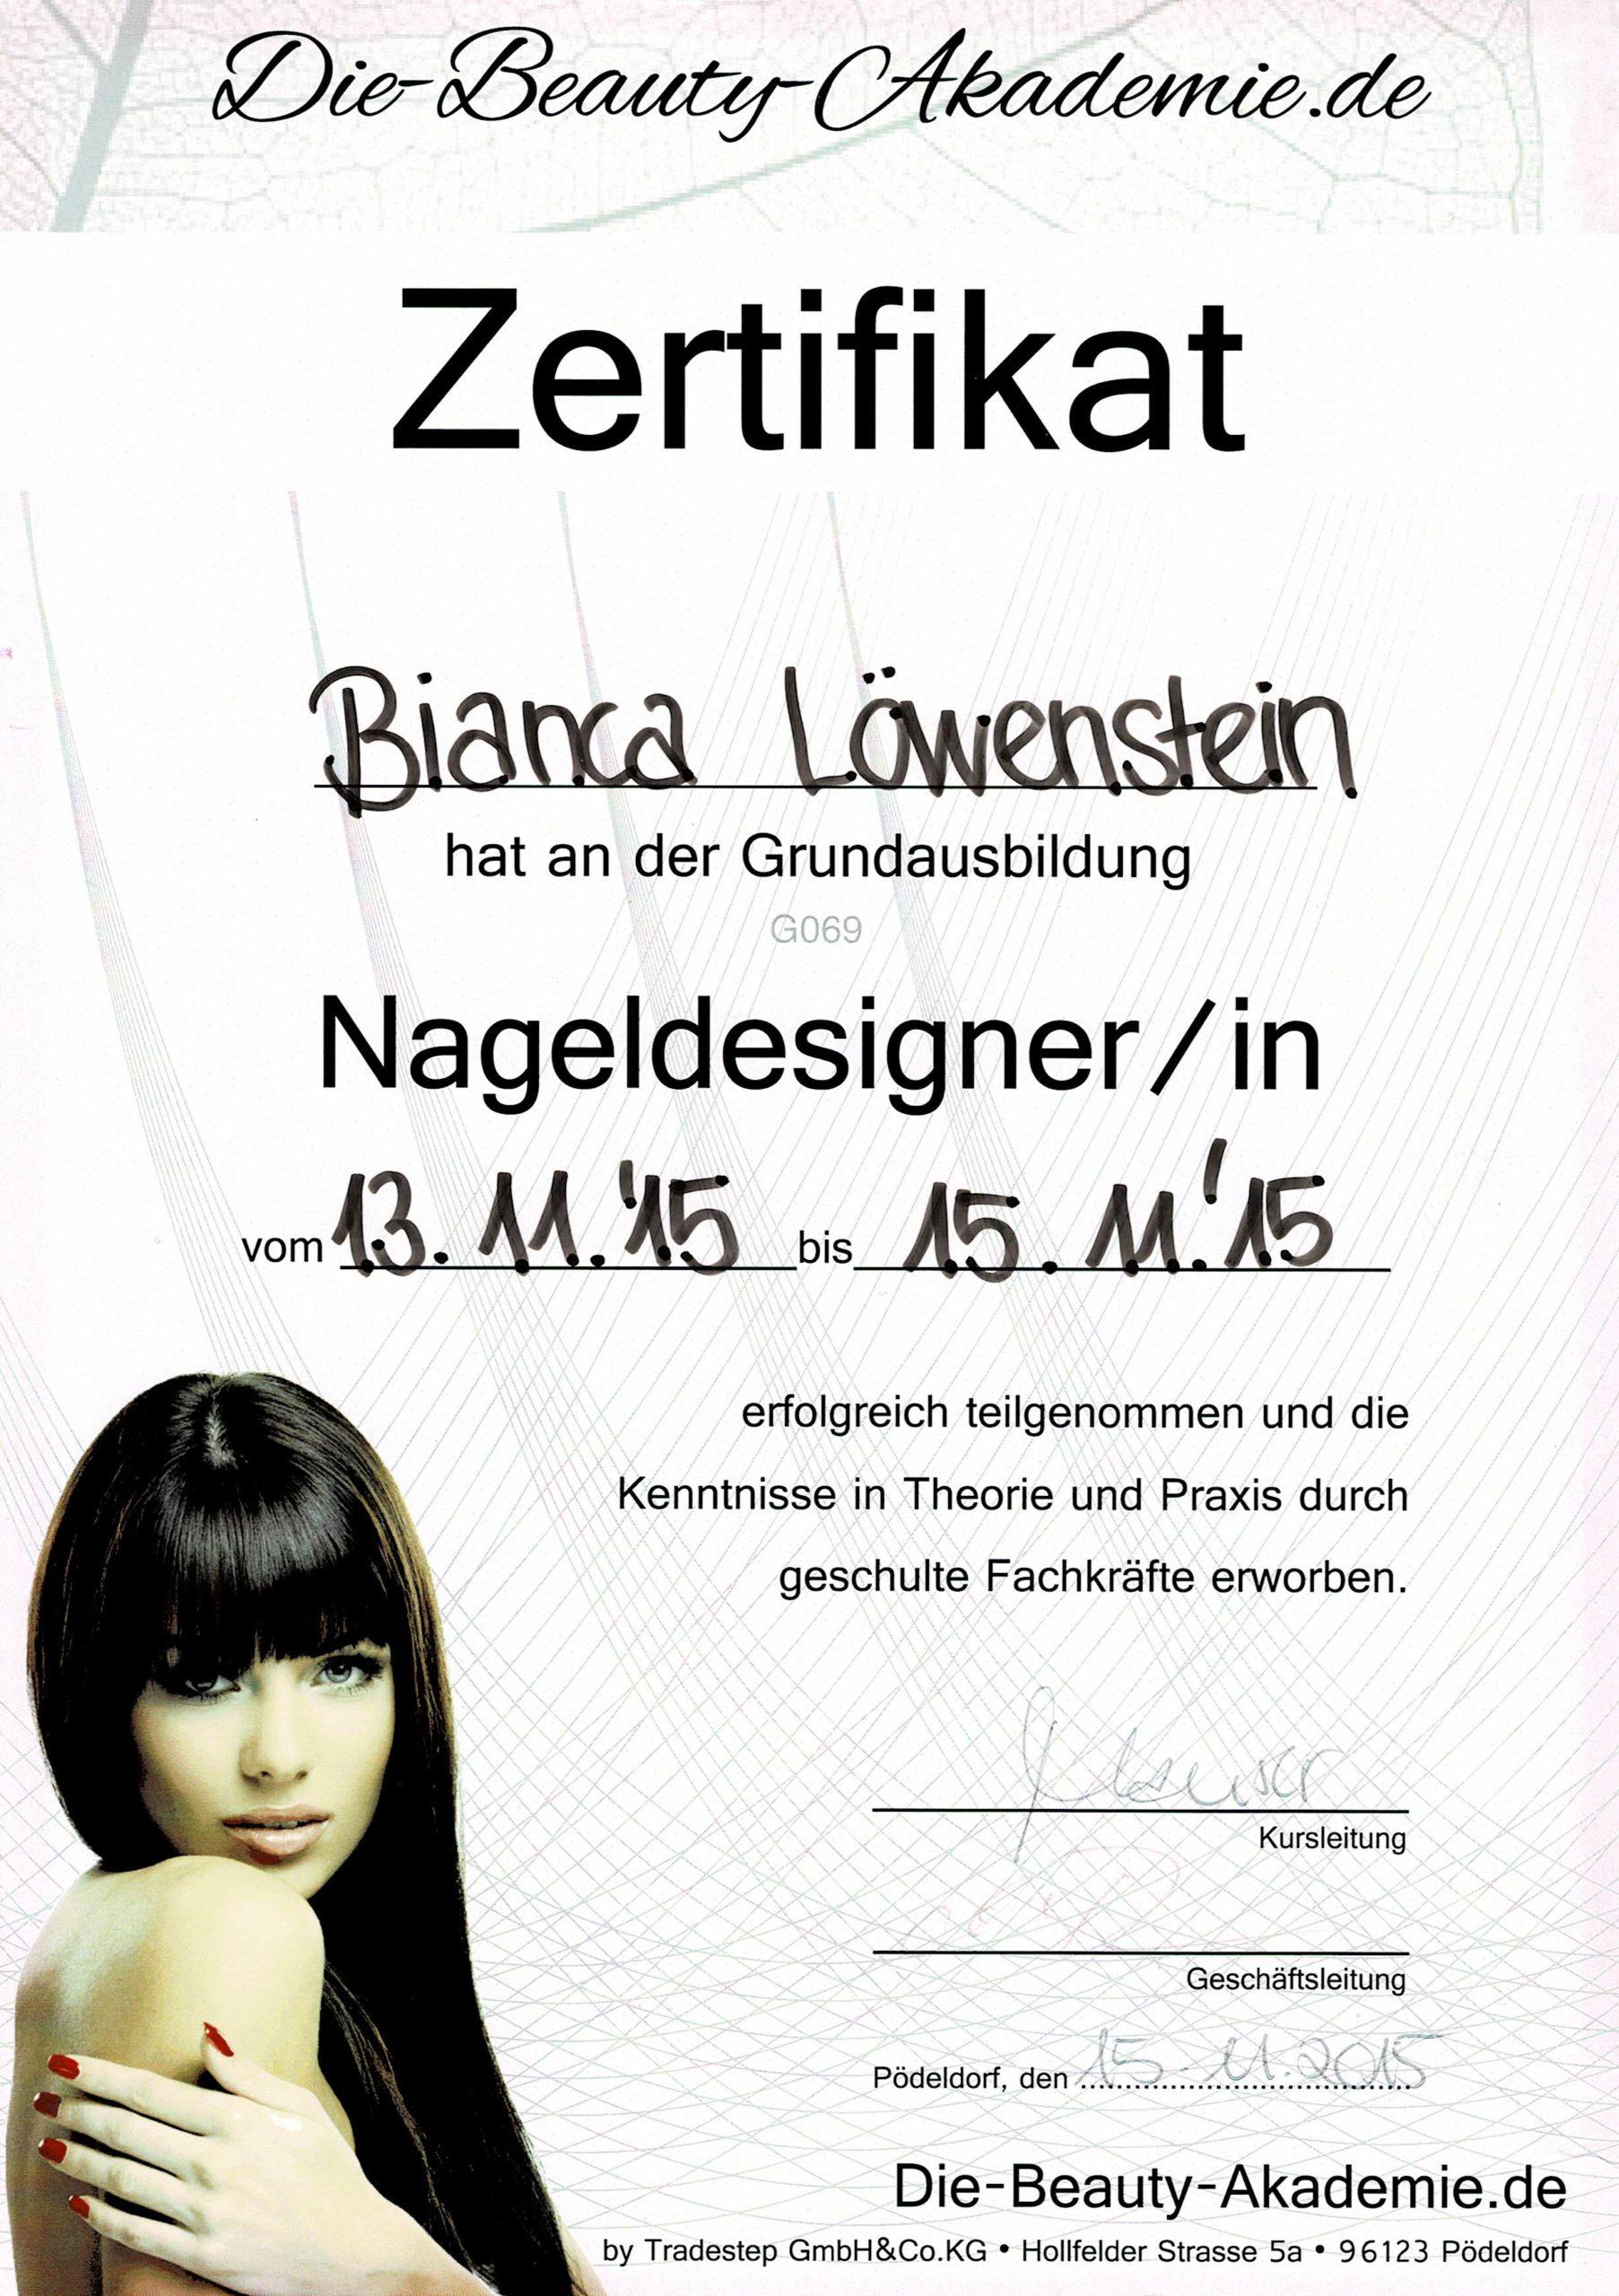 Zertifikat der Beauty Akademie für Nageldesign